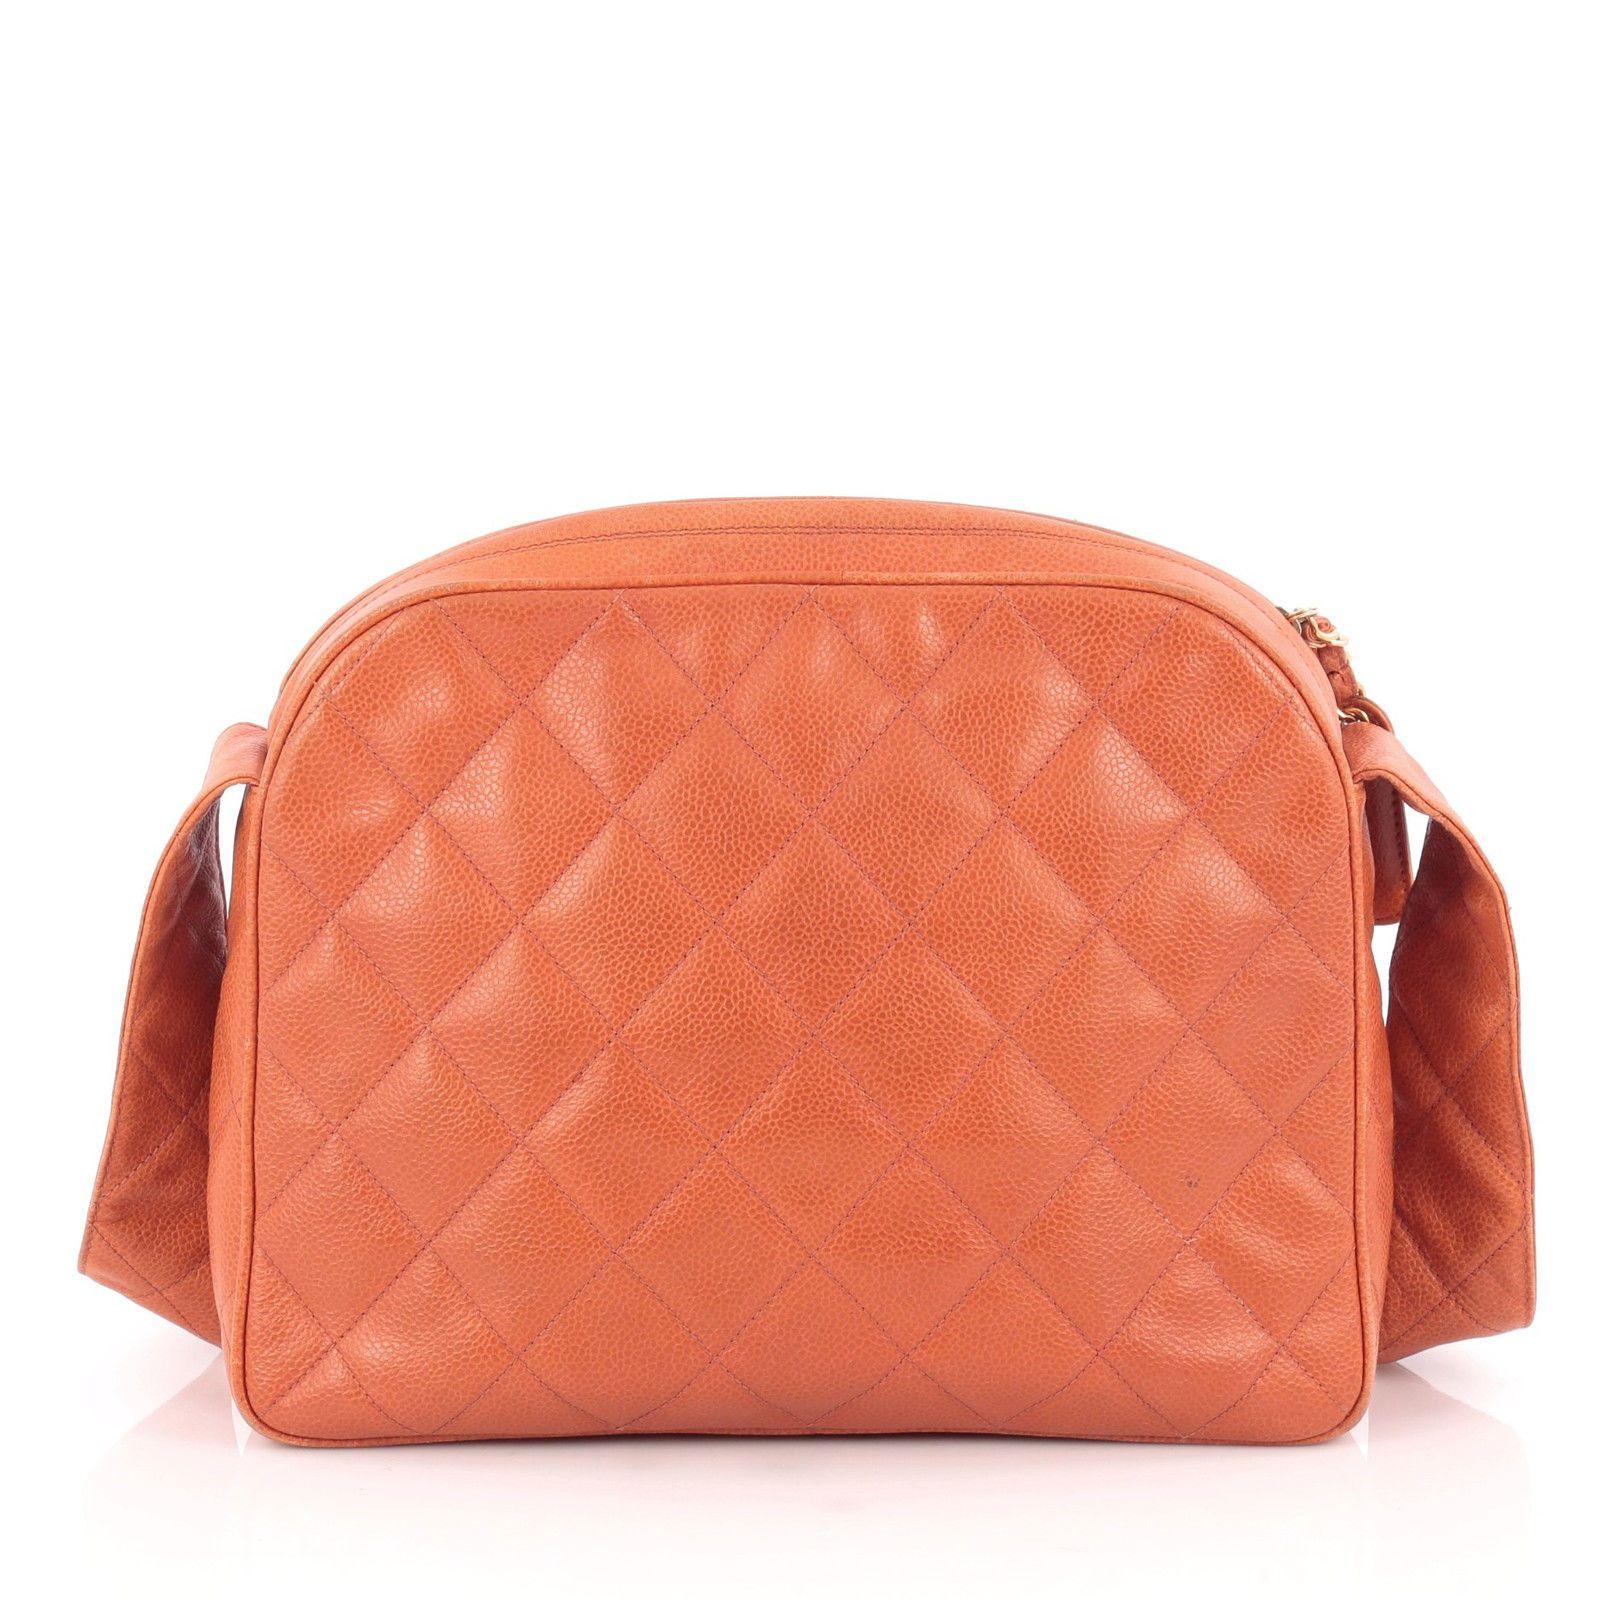 Chanel handbag superb vintage chanel bag vintage leather - Chanel Vintage Camera Bag Quilted Caviar Medium 650 0